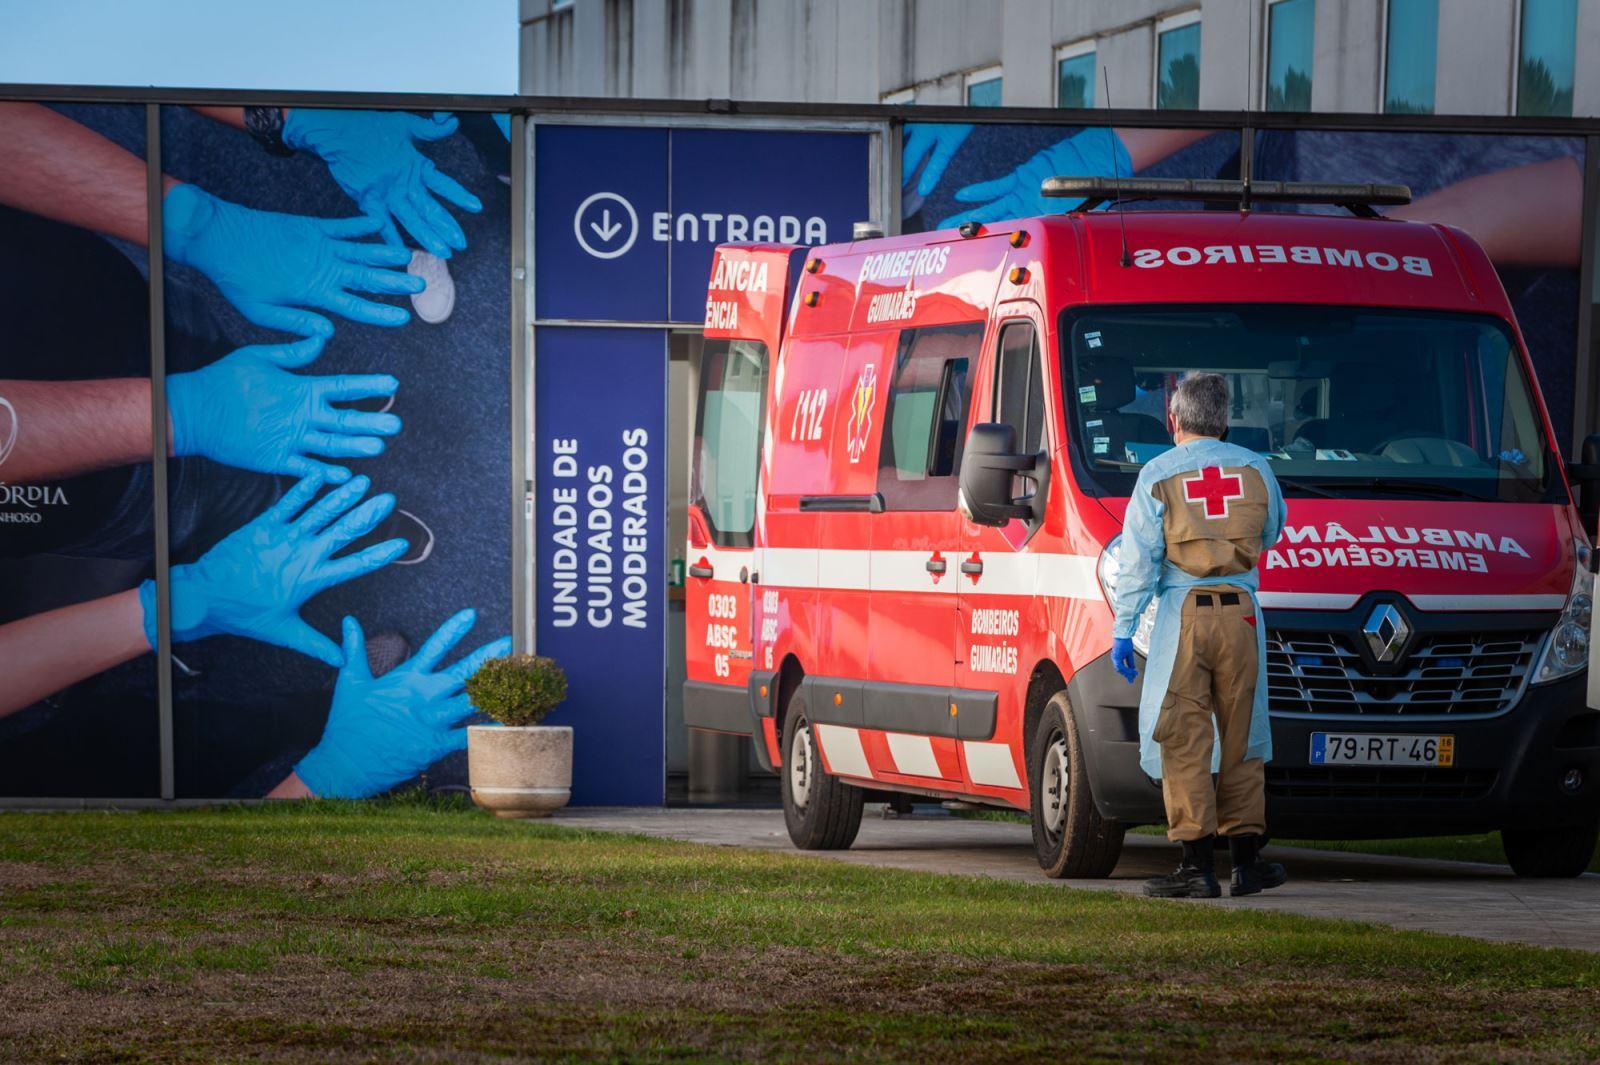 Póvoa de Lanhoso   Hospital de campanha para aliviar hospitais da região